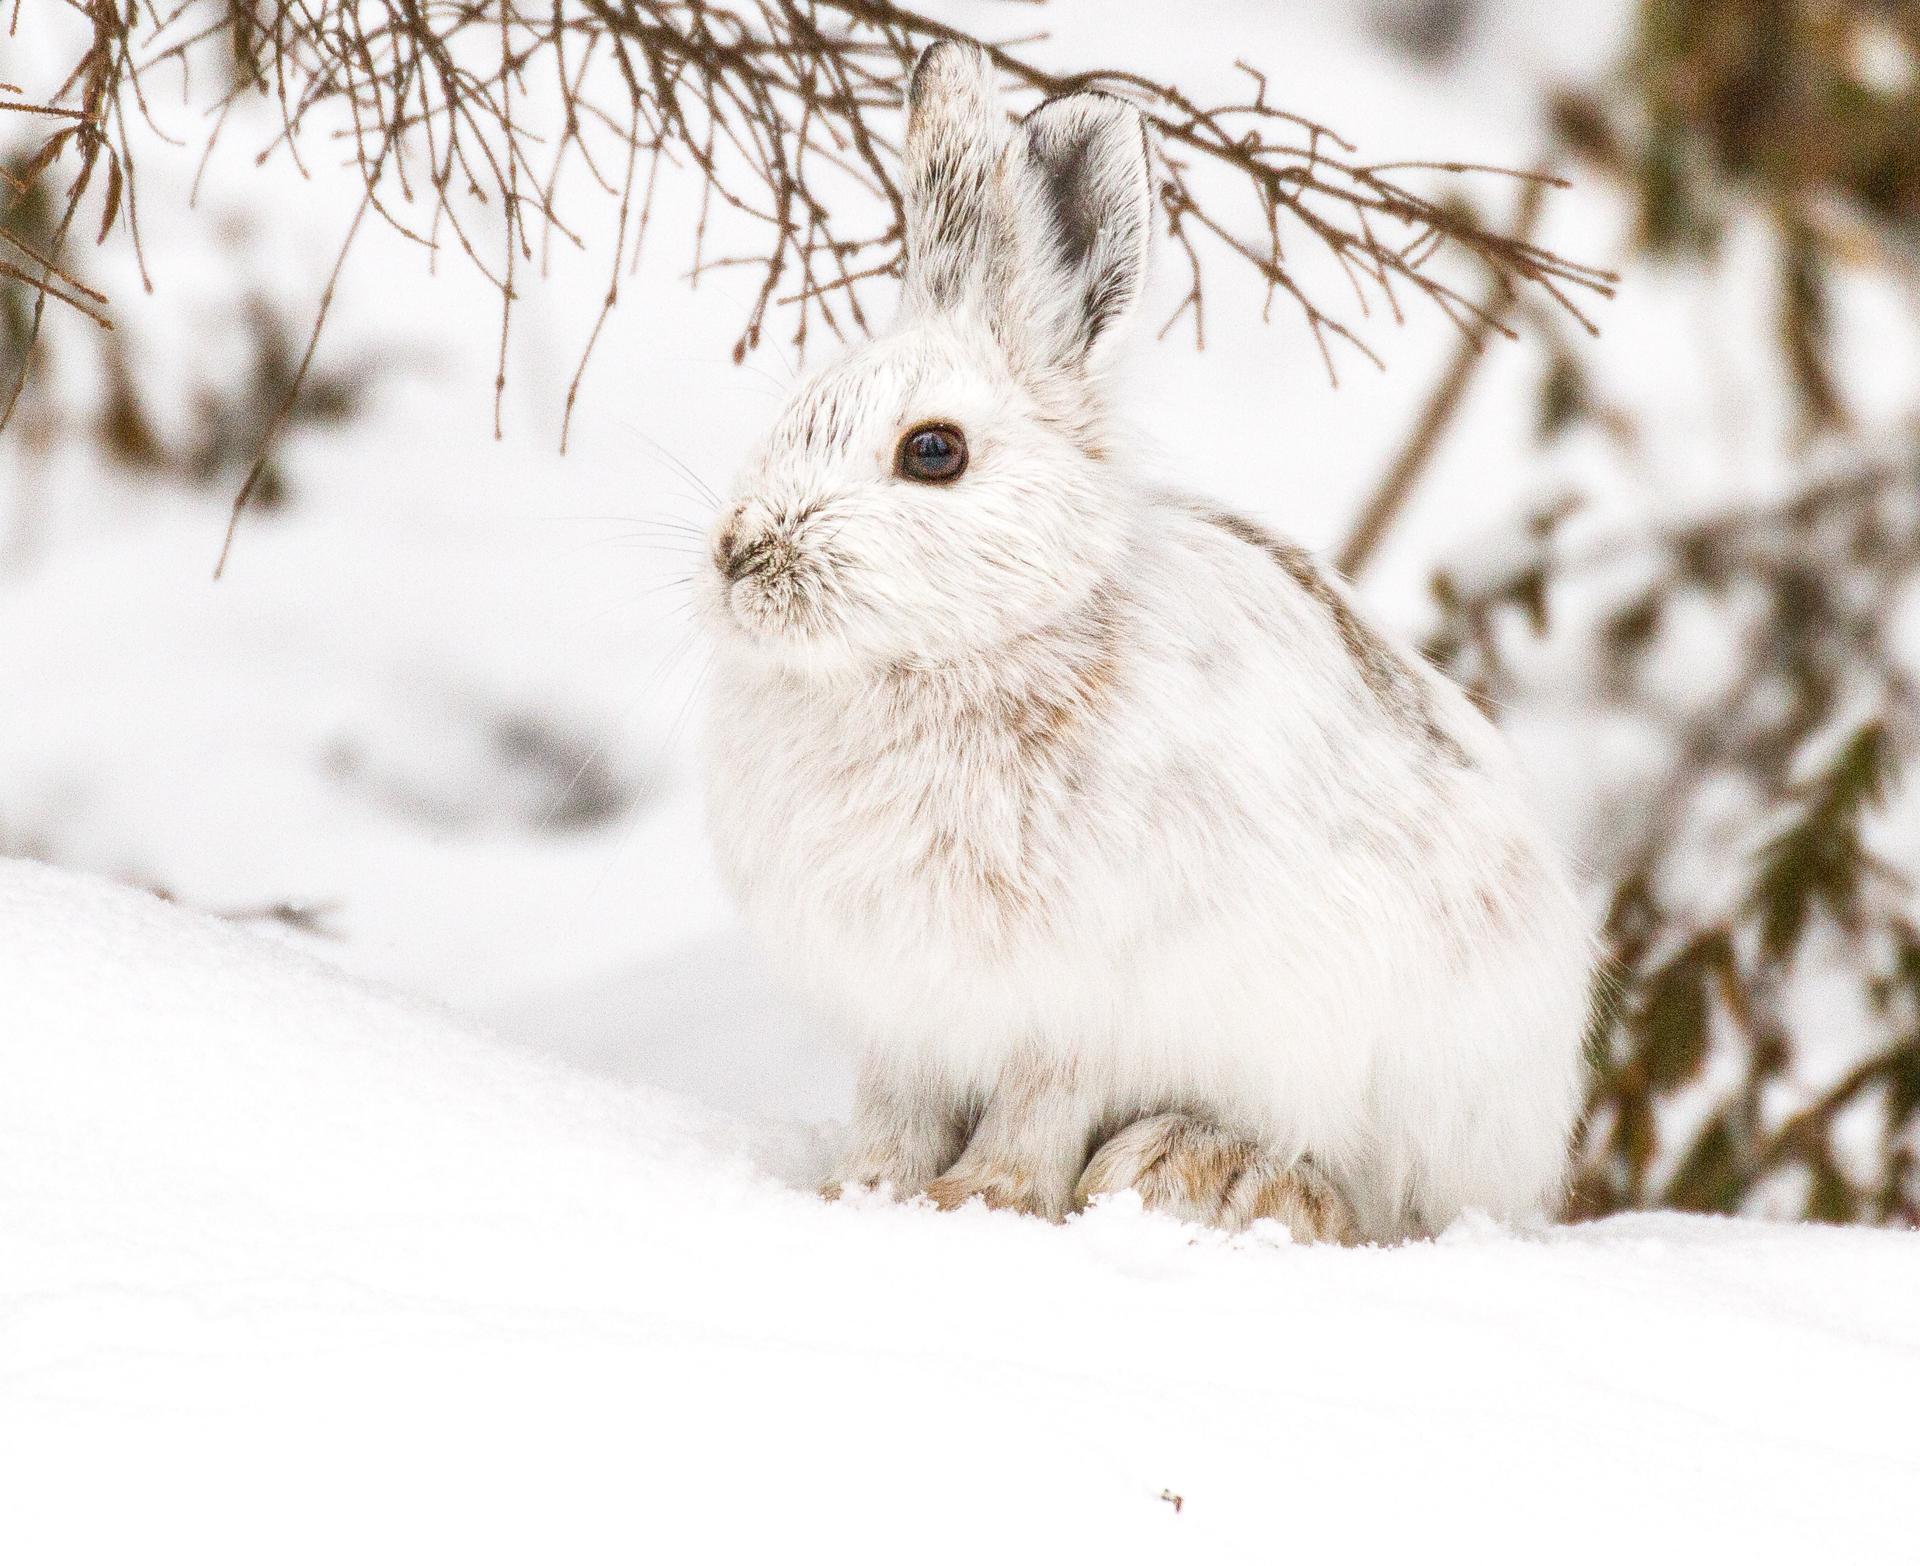 Snowshoe Hare Warren Nelson Memorial Bog Sax-Zim Bog MN IMG_0710-2